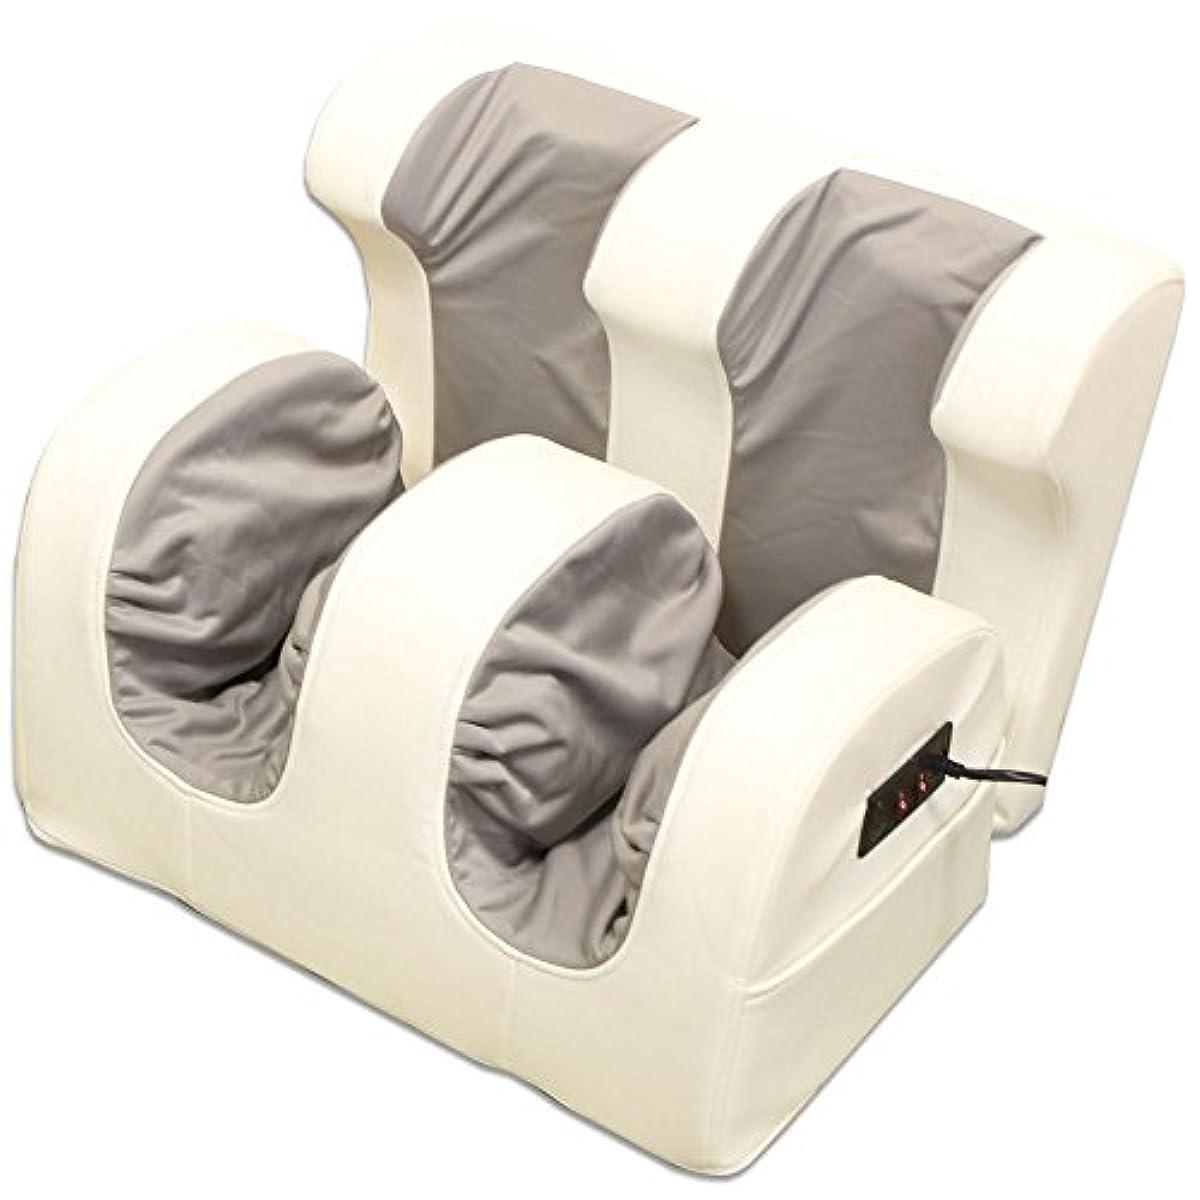 ドット孤独読書足マッサージ器 ホワイト×グレー ヒーター付き 白 足裏 ふくらはぎ 引き締め 揉み上げ 家庭用 マッサージ機